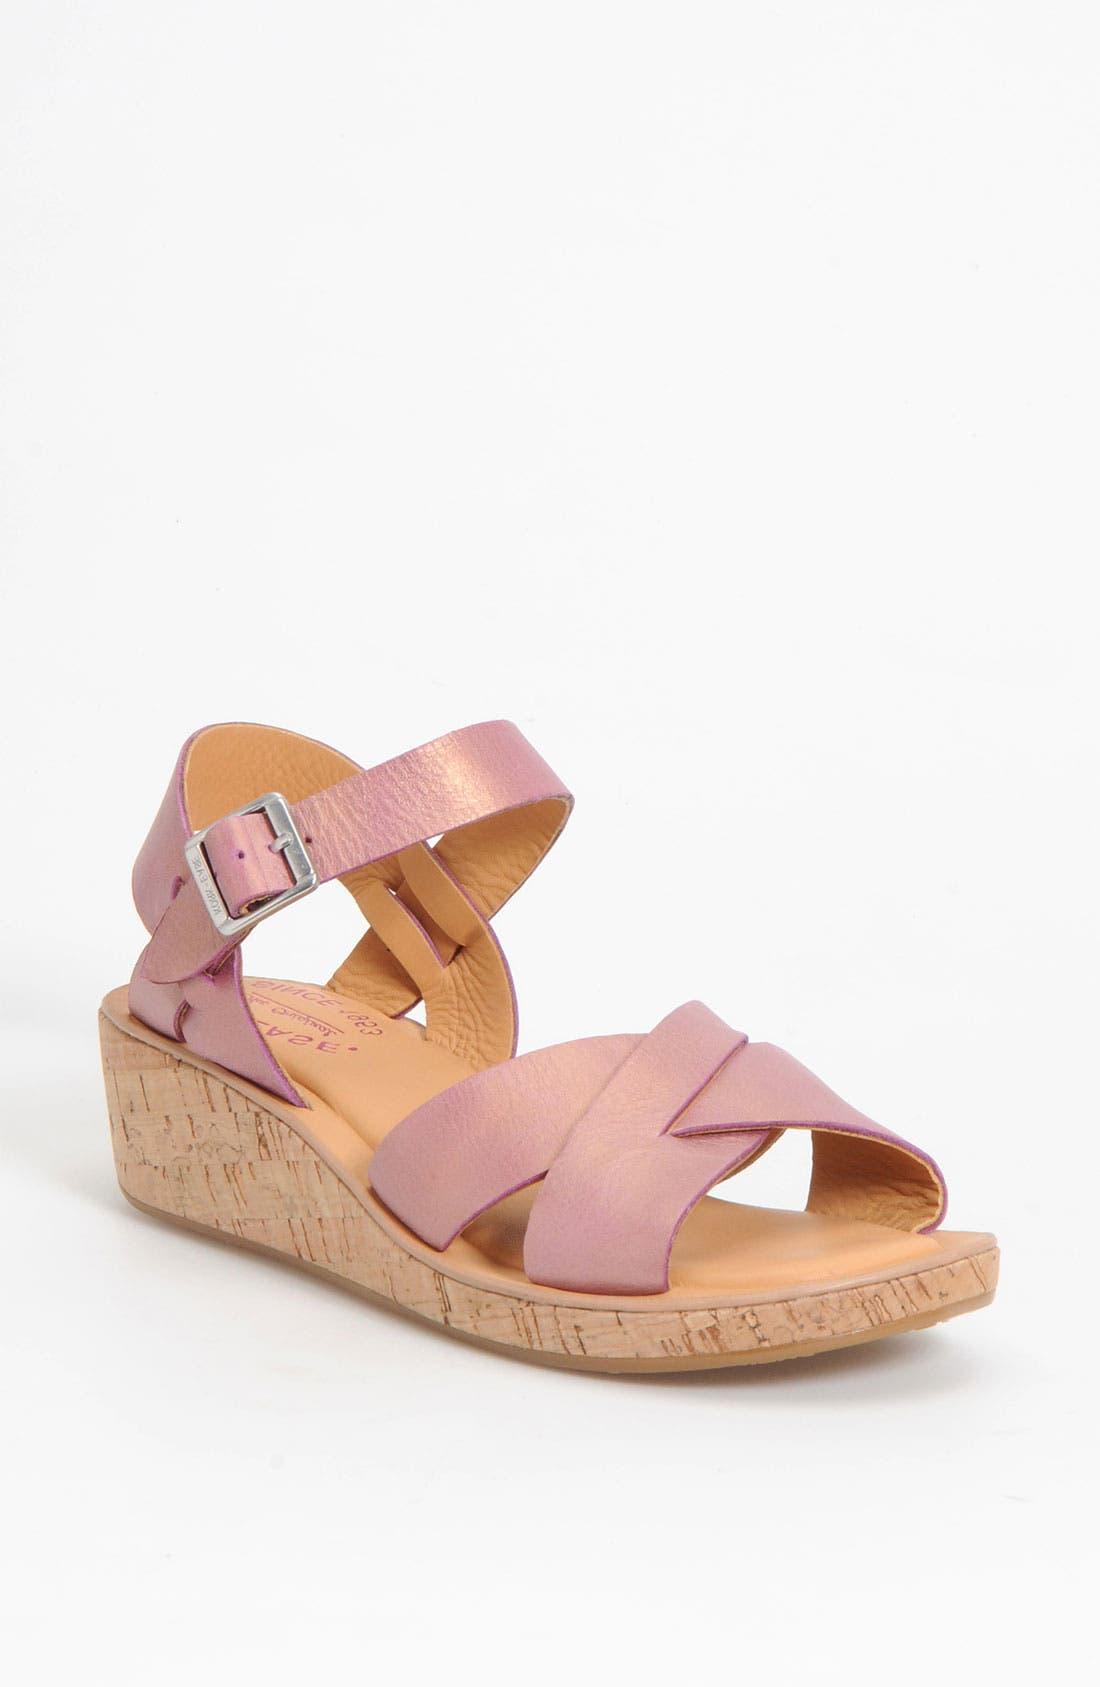 KORK-EASE<SUP>®</SUP>, Kork-Ease 'Myrna' Sandal, Main thumbnail 1, color, 500